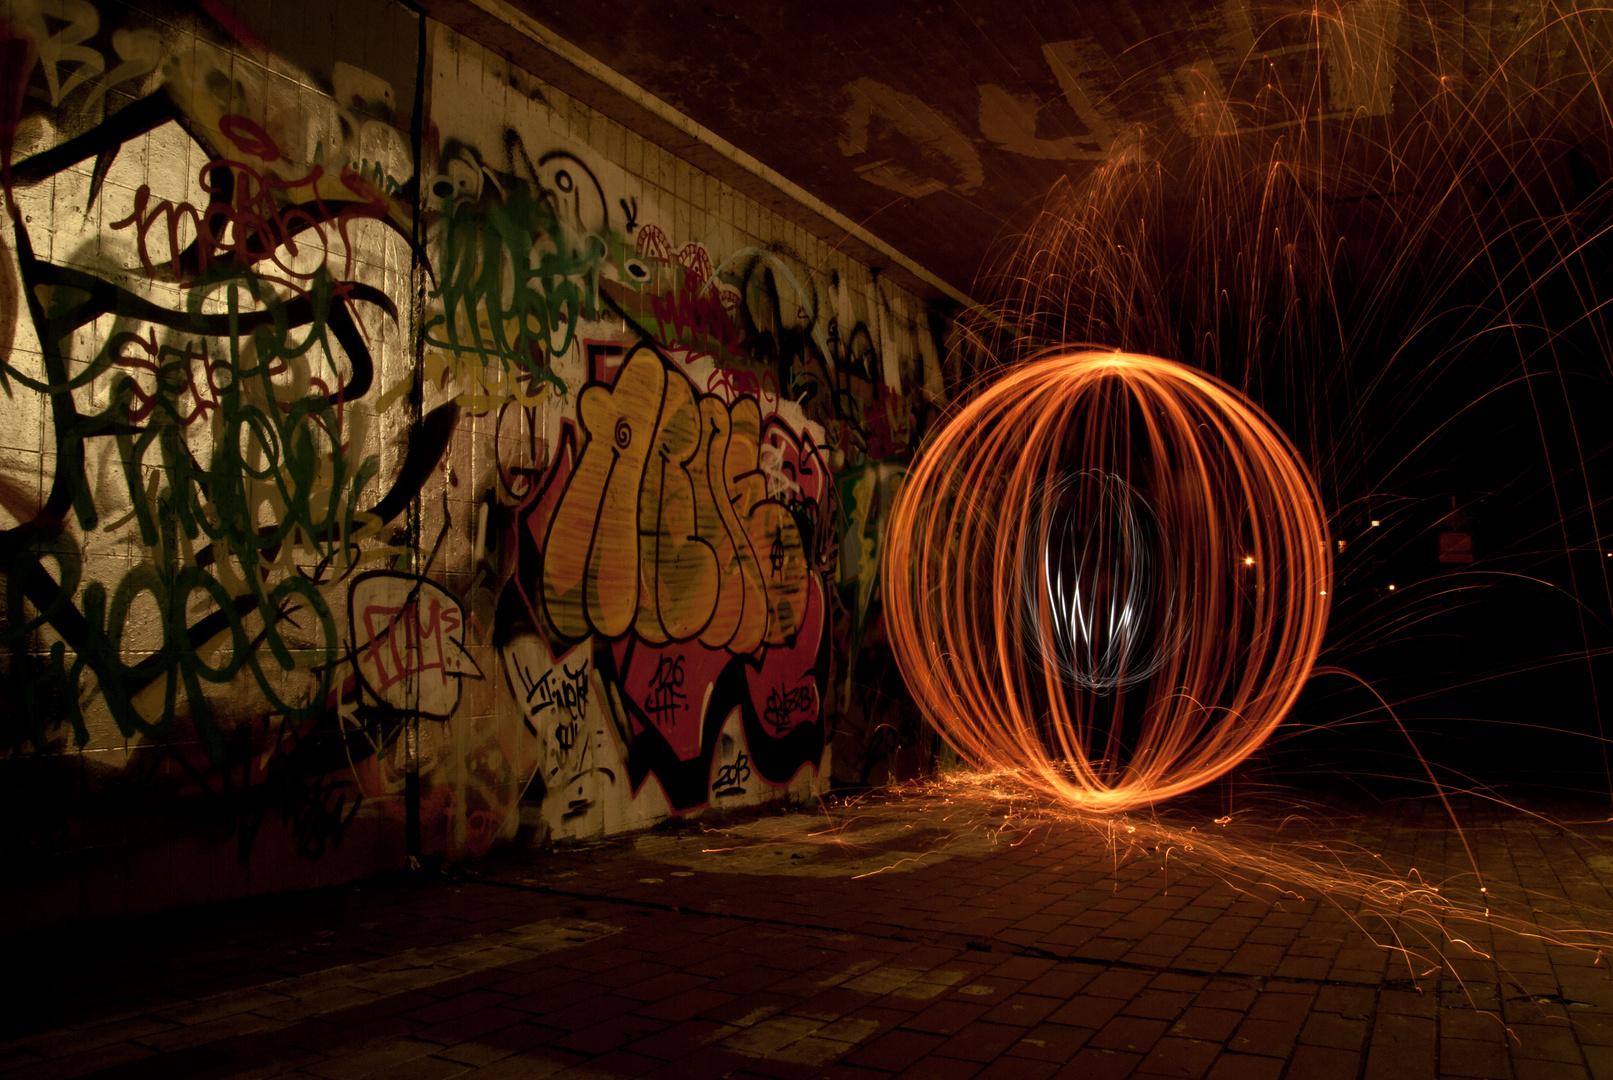 Graffiti Orb I